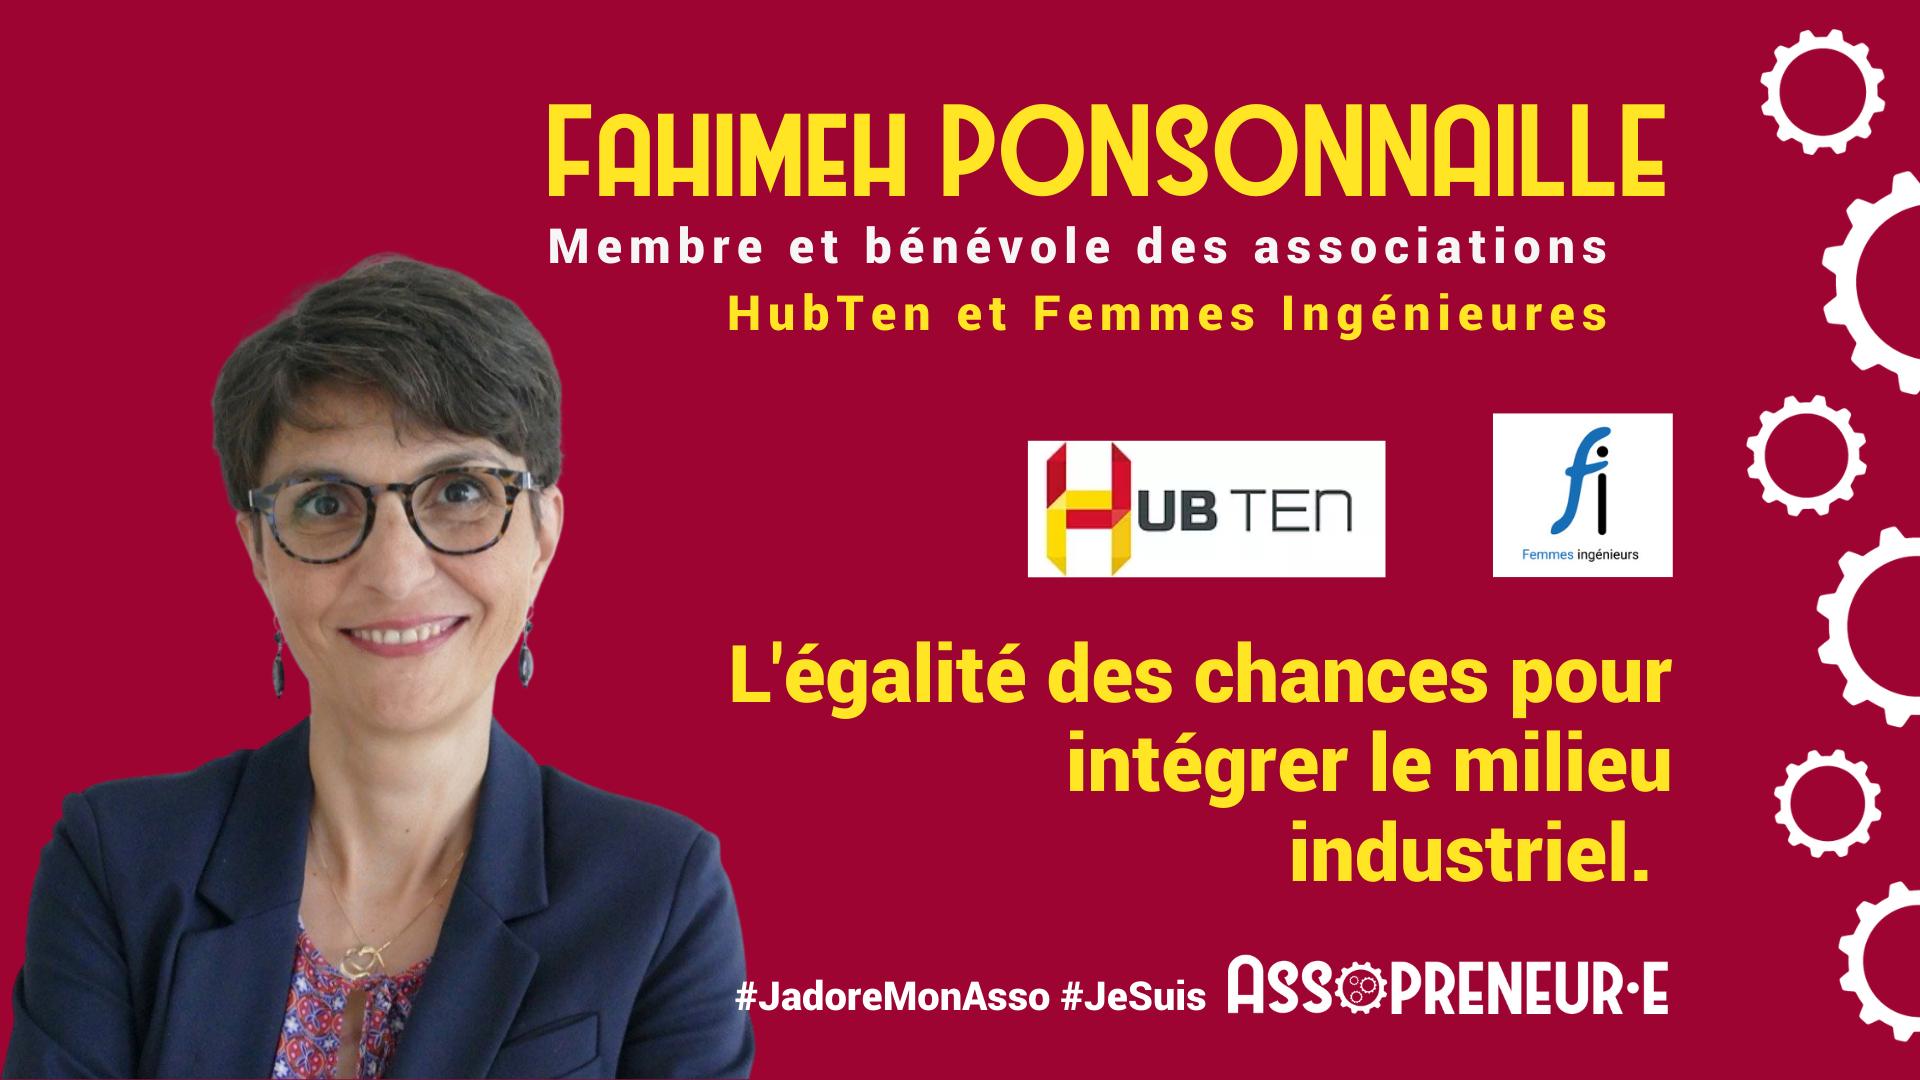 Fahimeh Ponsonnaille membre programme Assopreneur